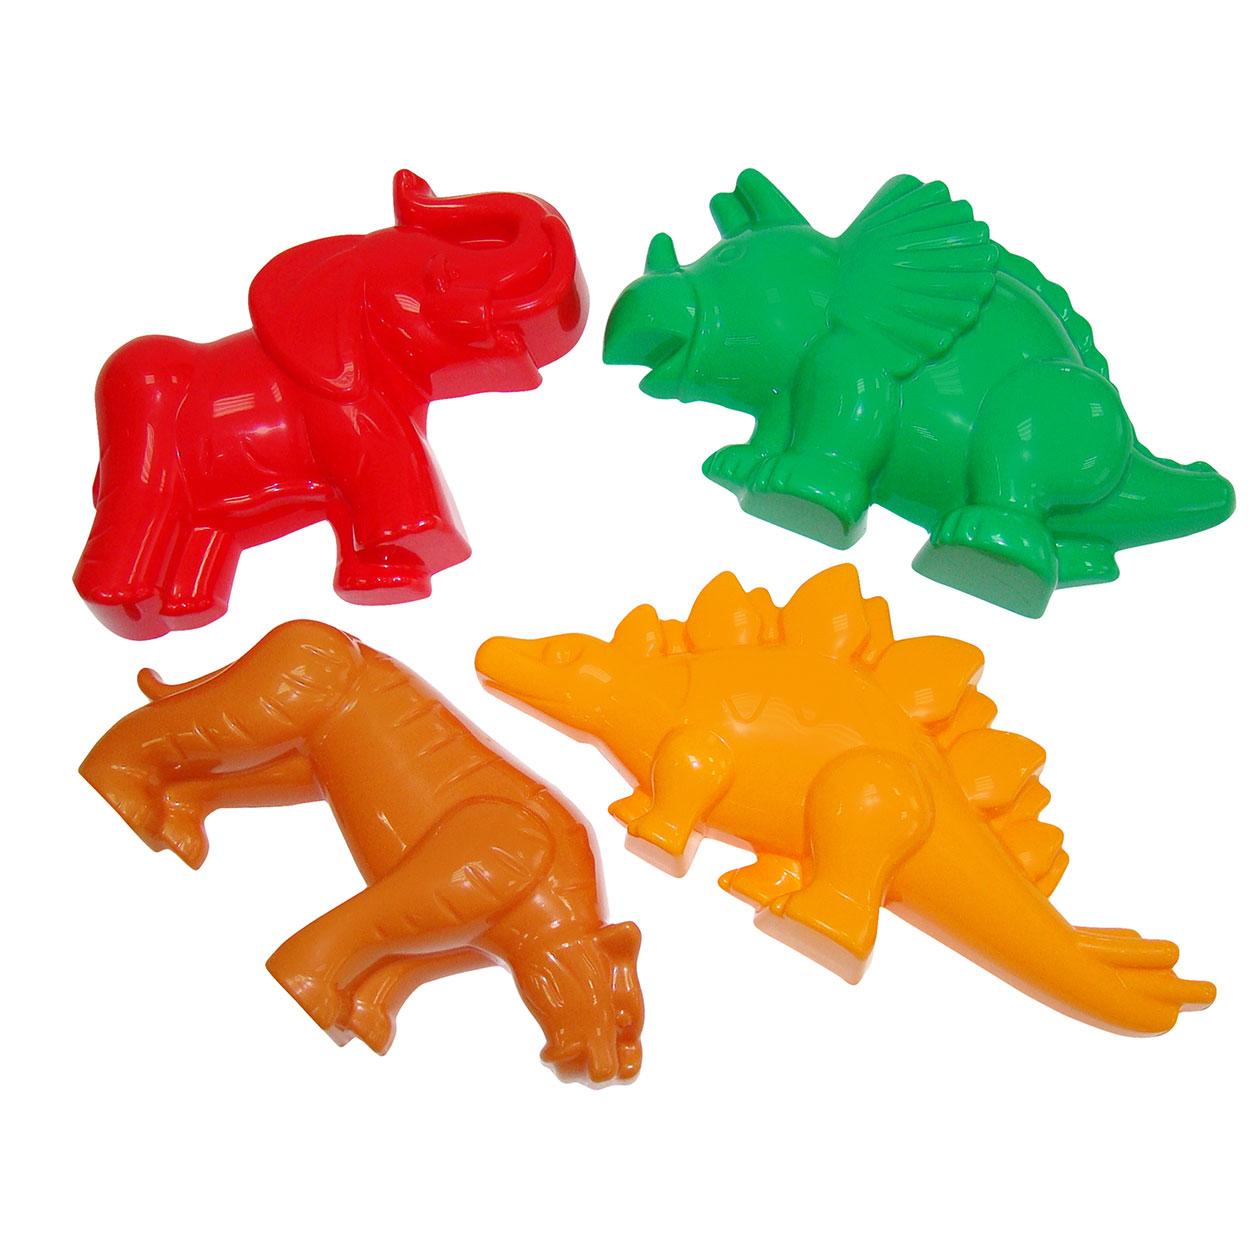 Billede af Seje dinosaurer og vilde dyr - Sandform